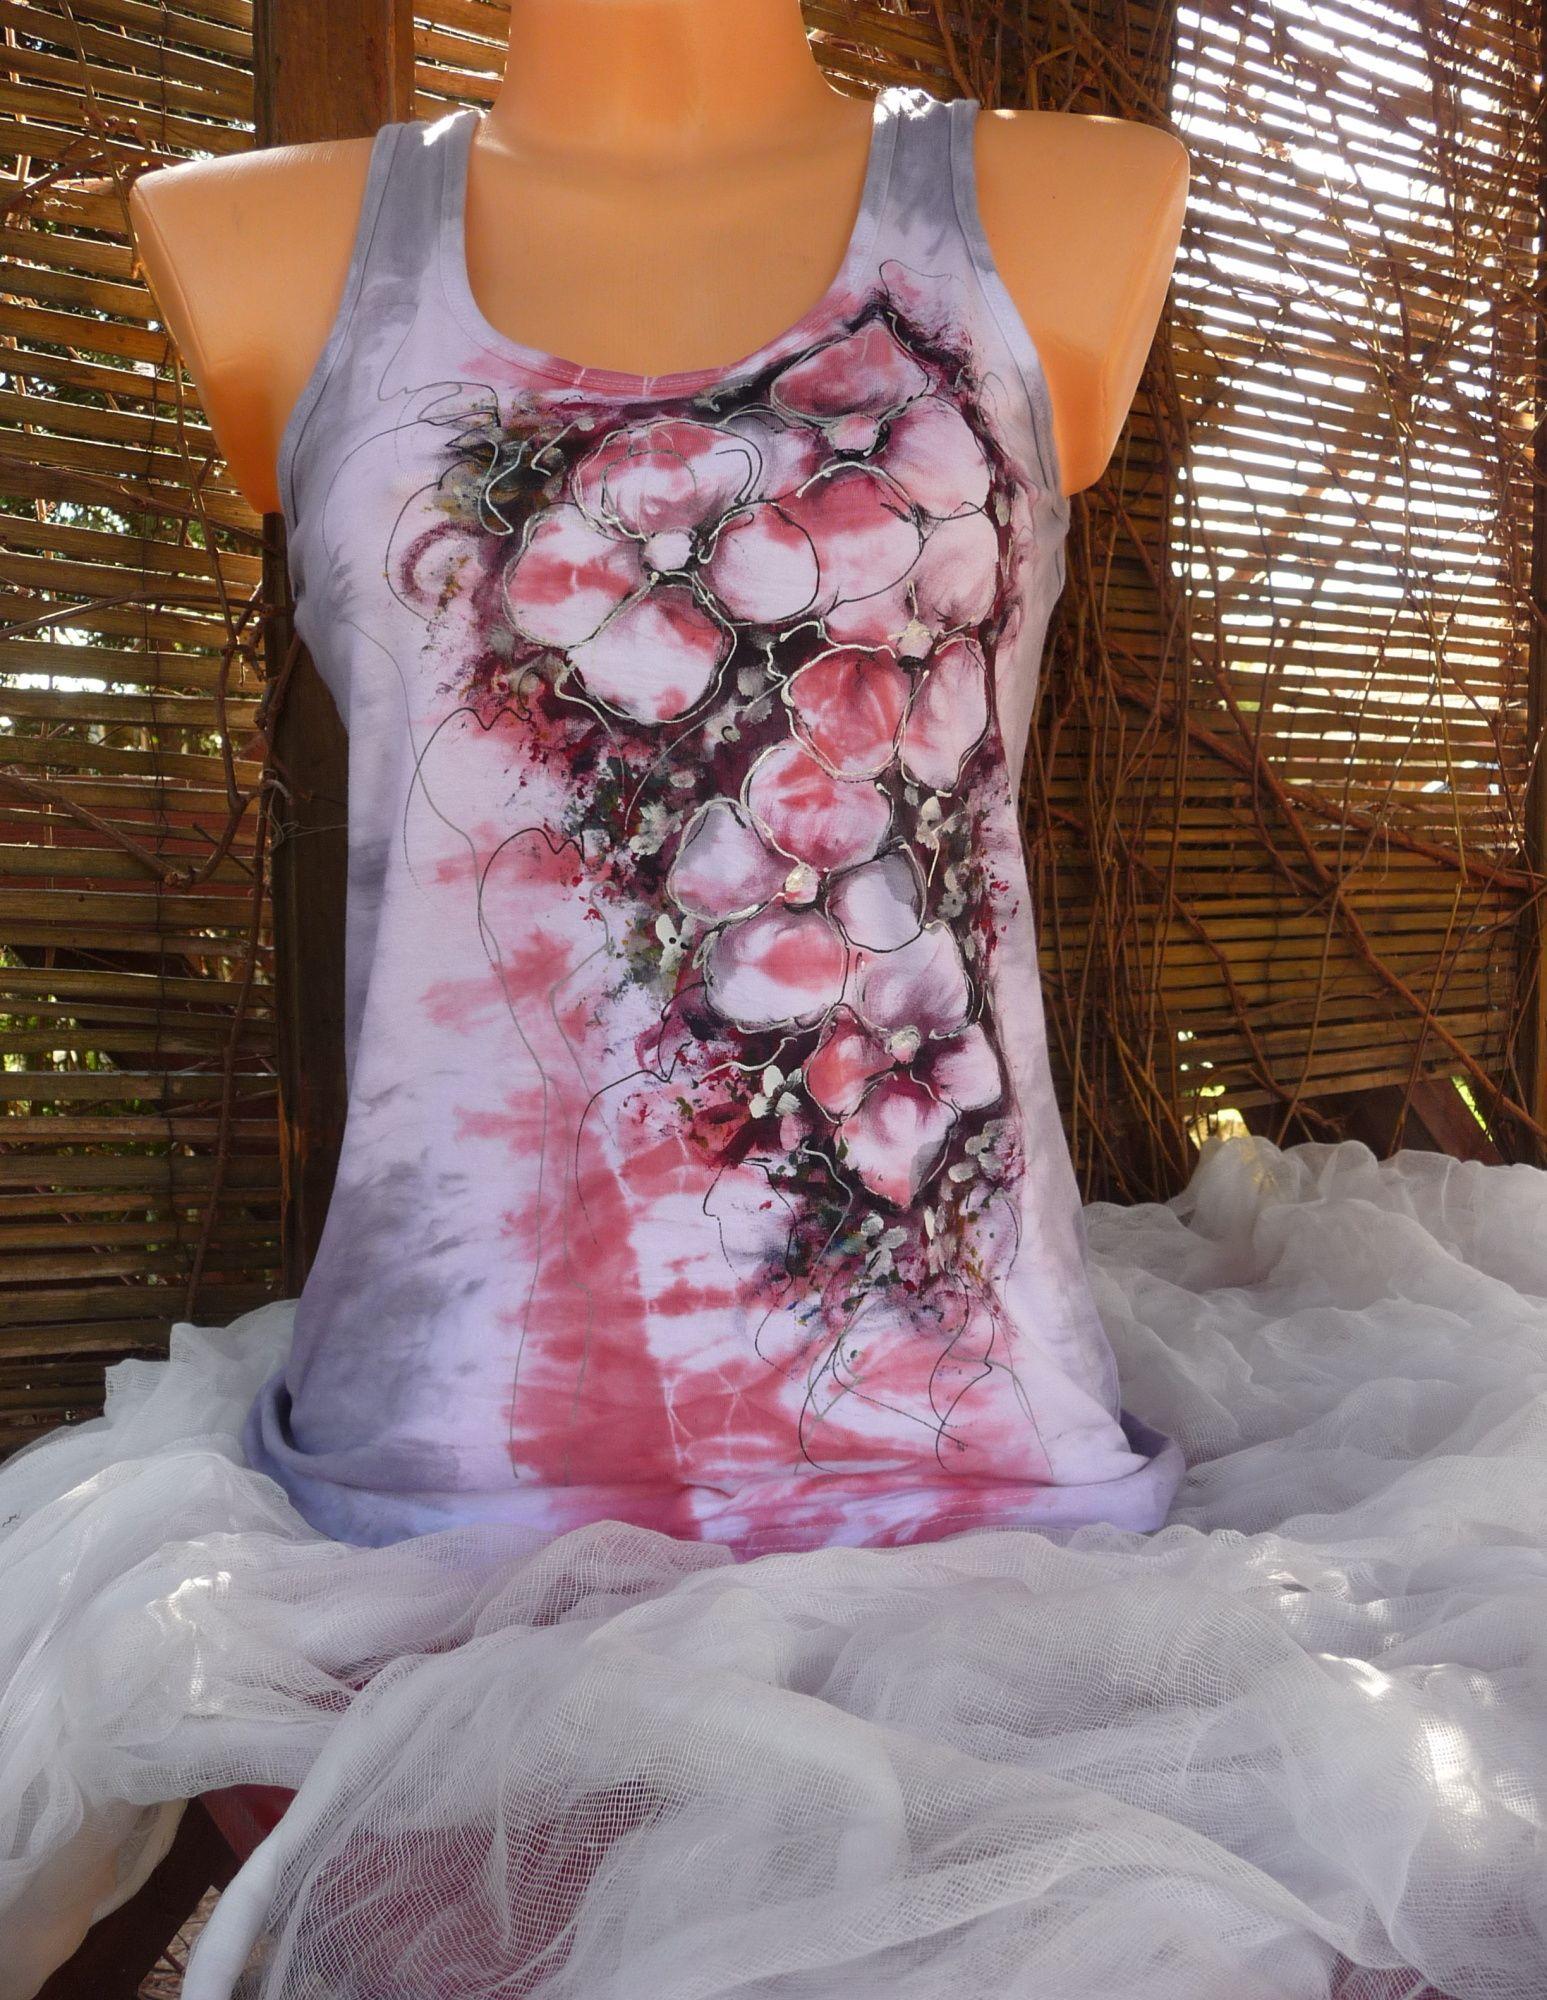 e7ca54ac48b Dám.tílko.růžovo-šedé s květy(L) Ručně malované tílko. Vel. uvedená  výrobcem L